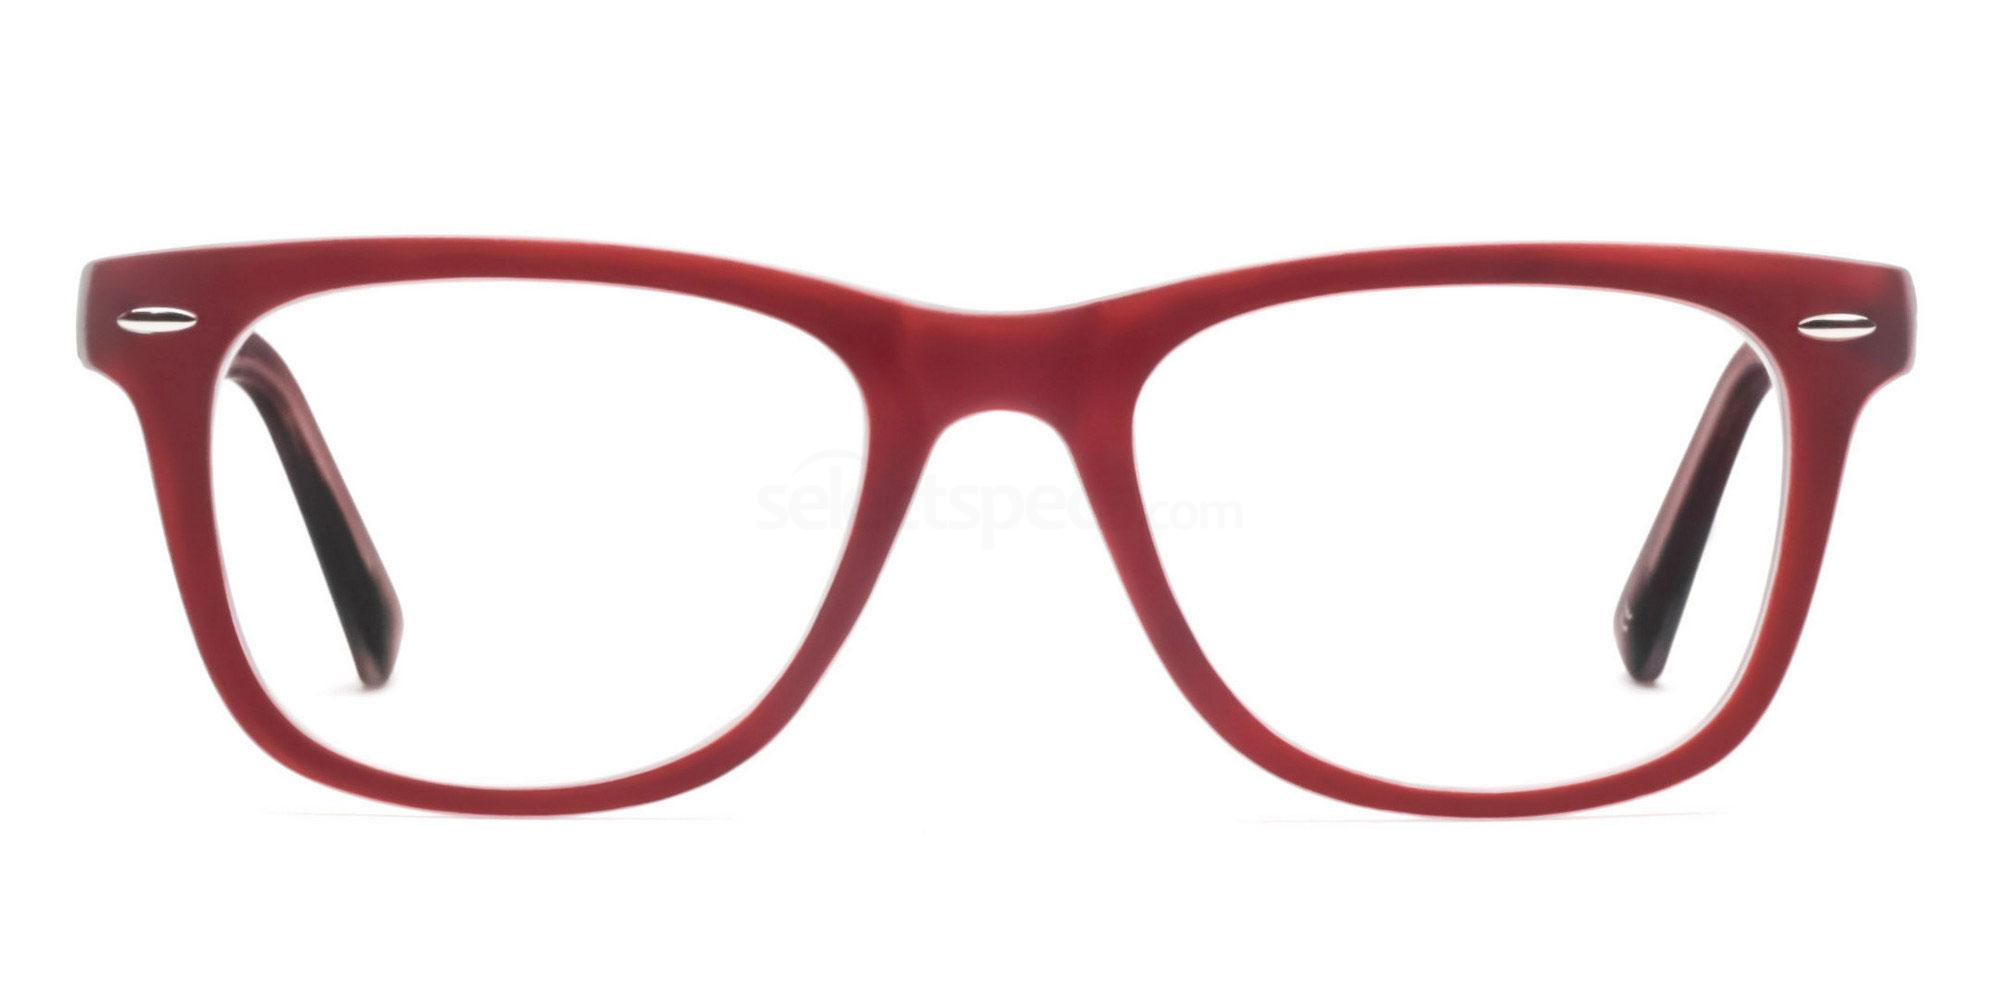 C13 8121 - Maroon on Transparent Glasses, Savannah